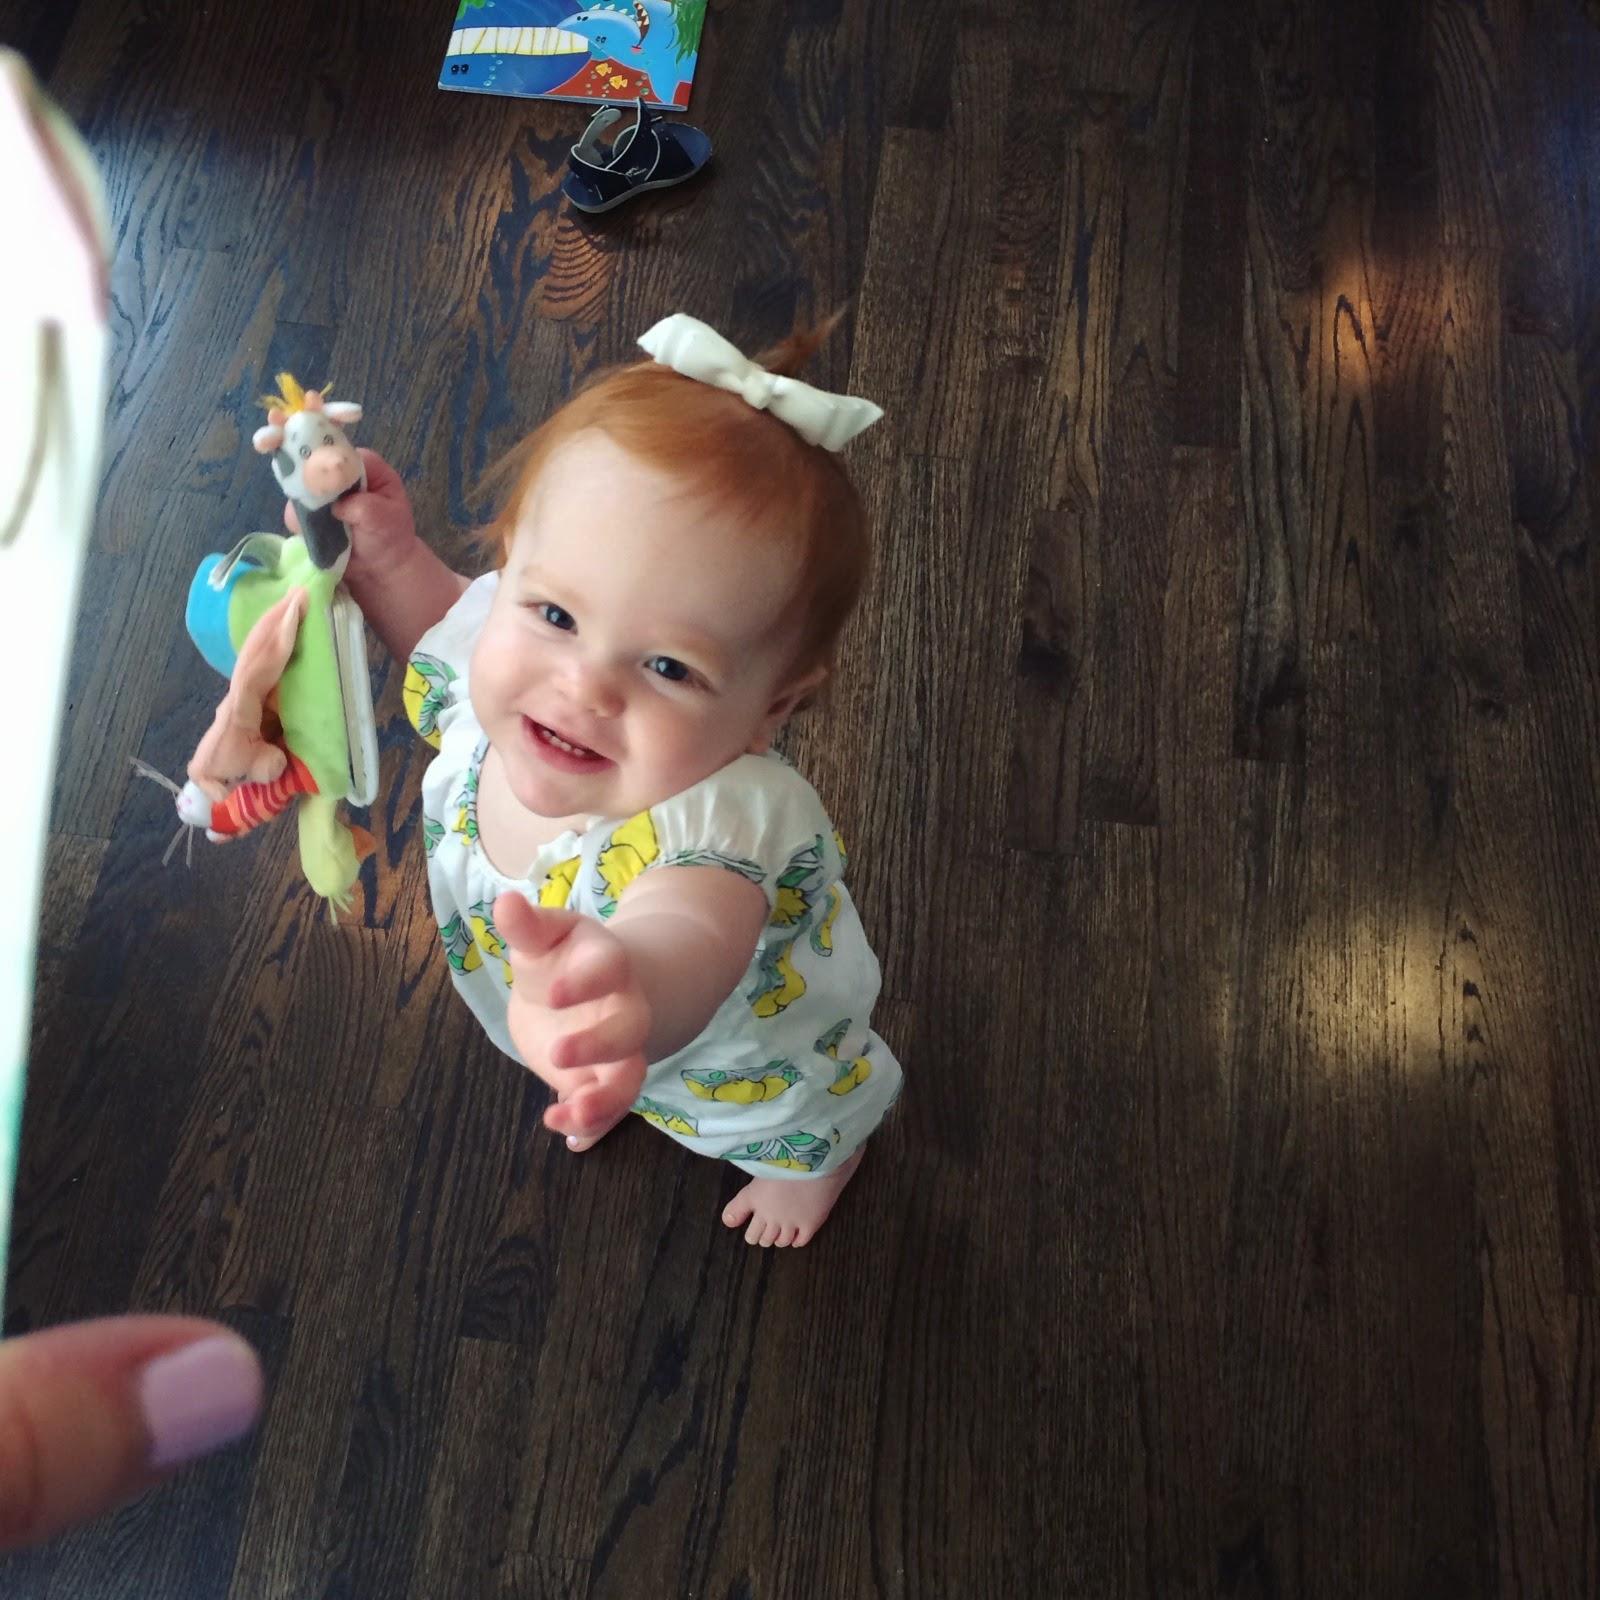 Veronika S Blushing Harper S Nursery Updated: Veronika's Blushing: Our Weekend